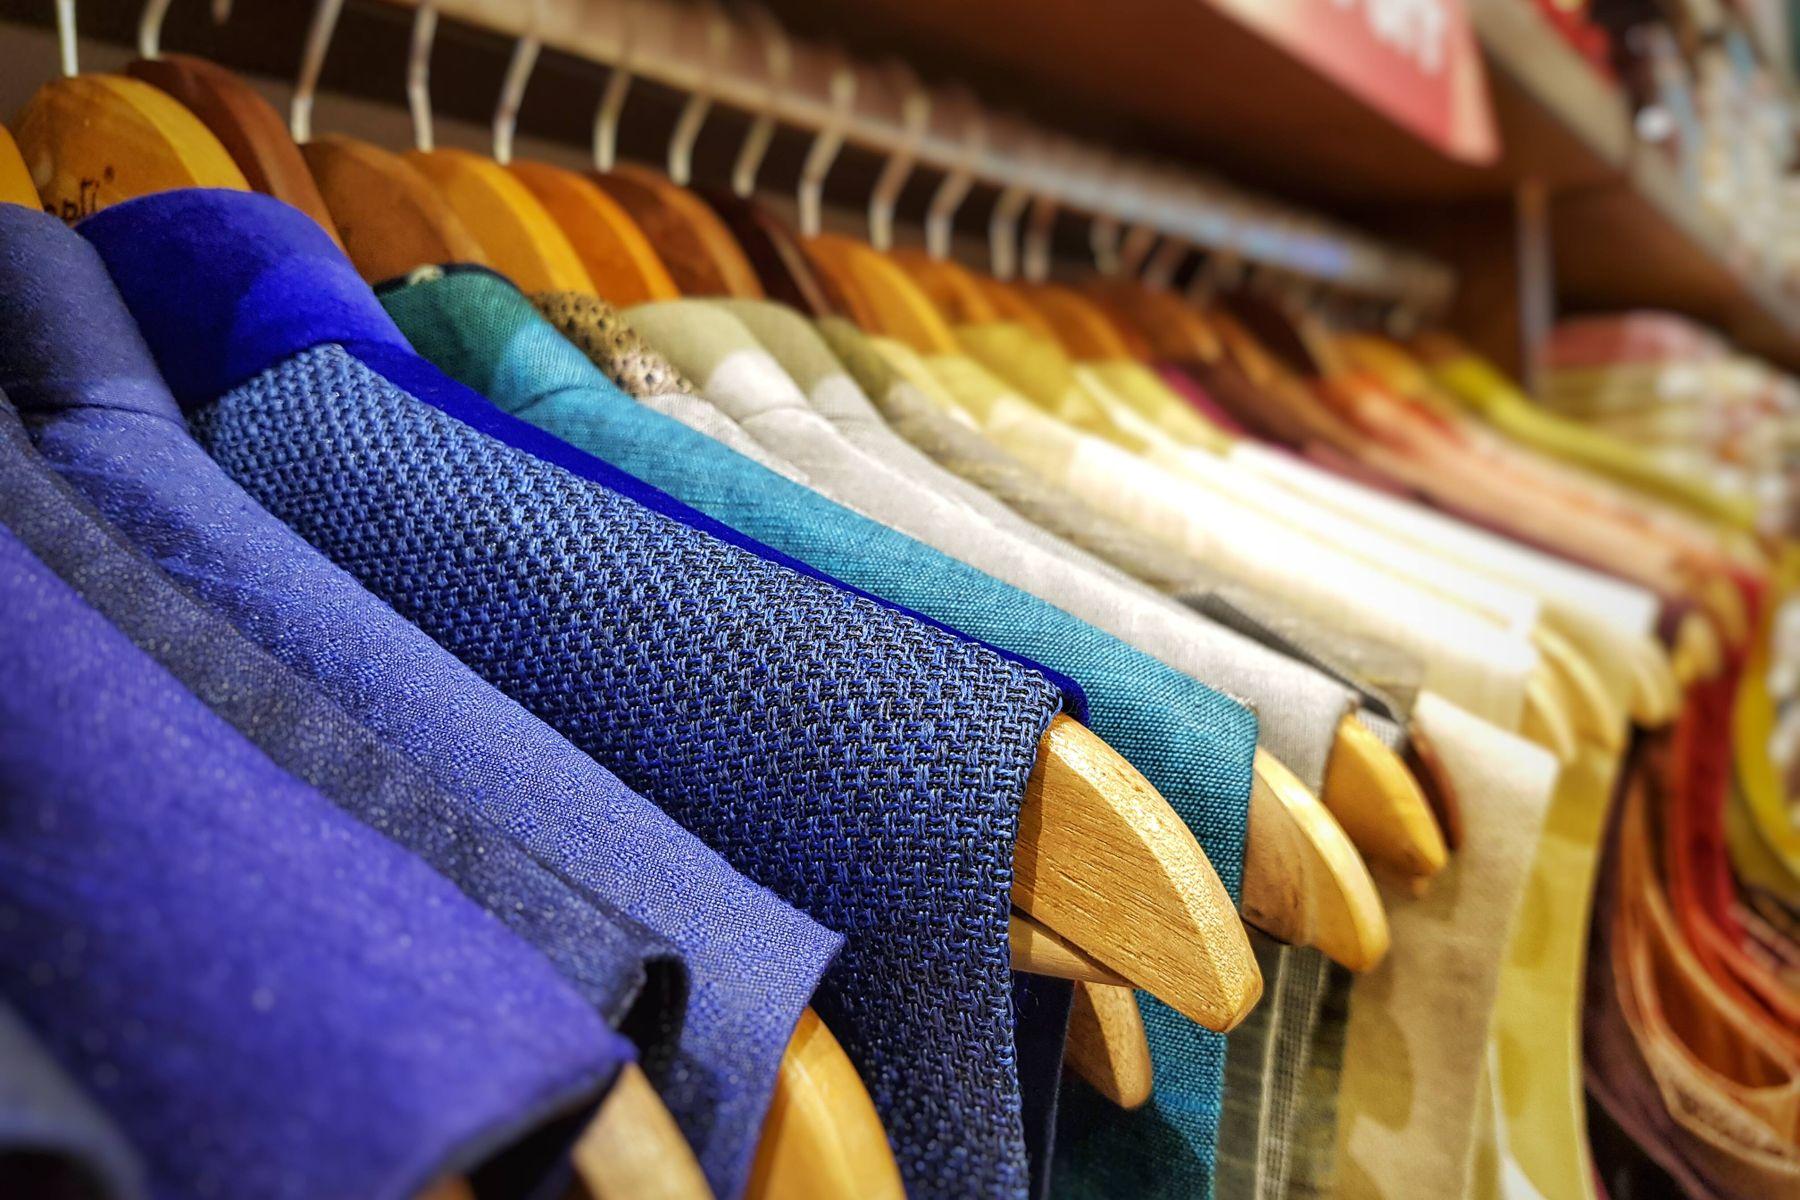 Roupas lavadas penduradas na arara em uma lavanderia